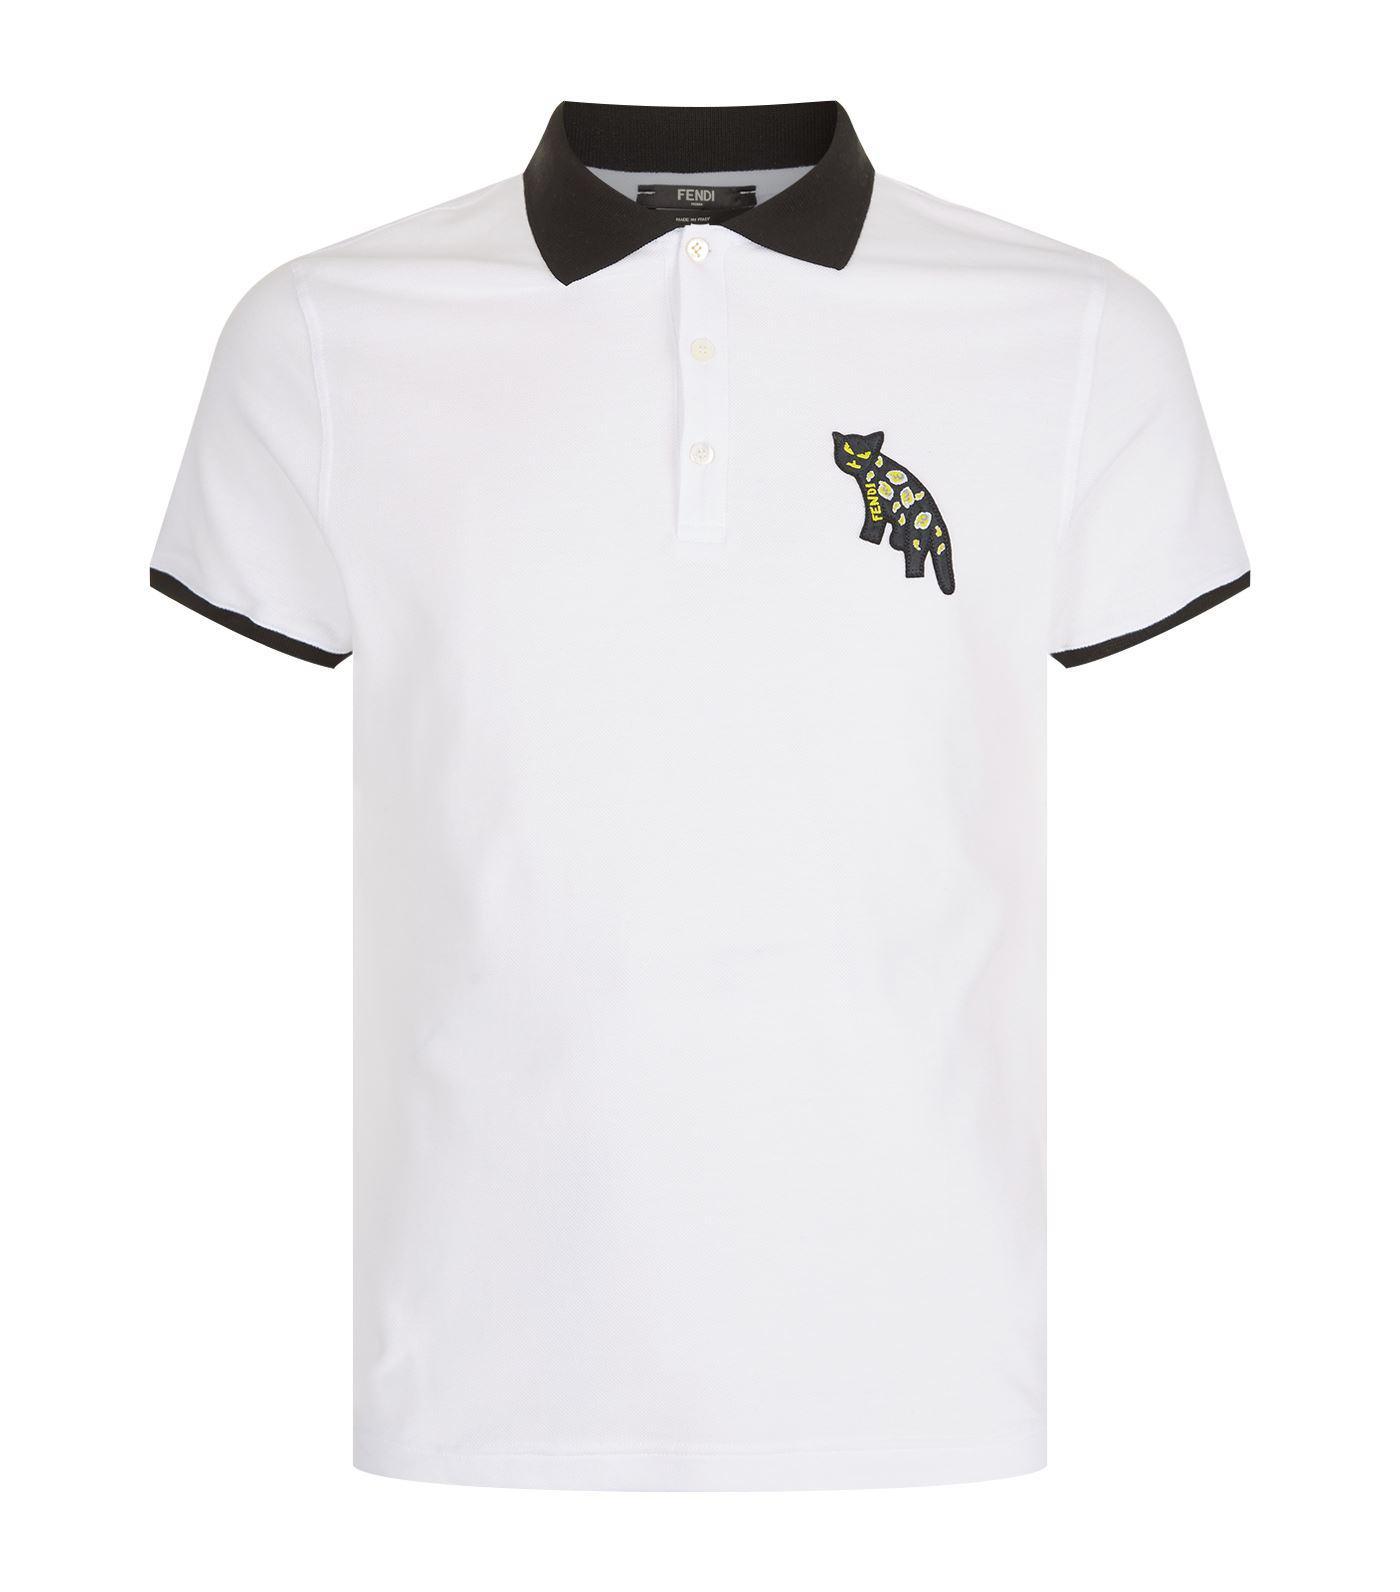 jaguar ladies shirt tiger shirts running t graphic animal soft itm white tee